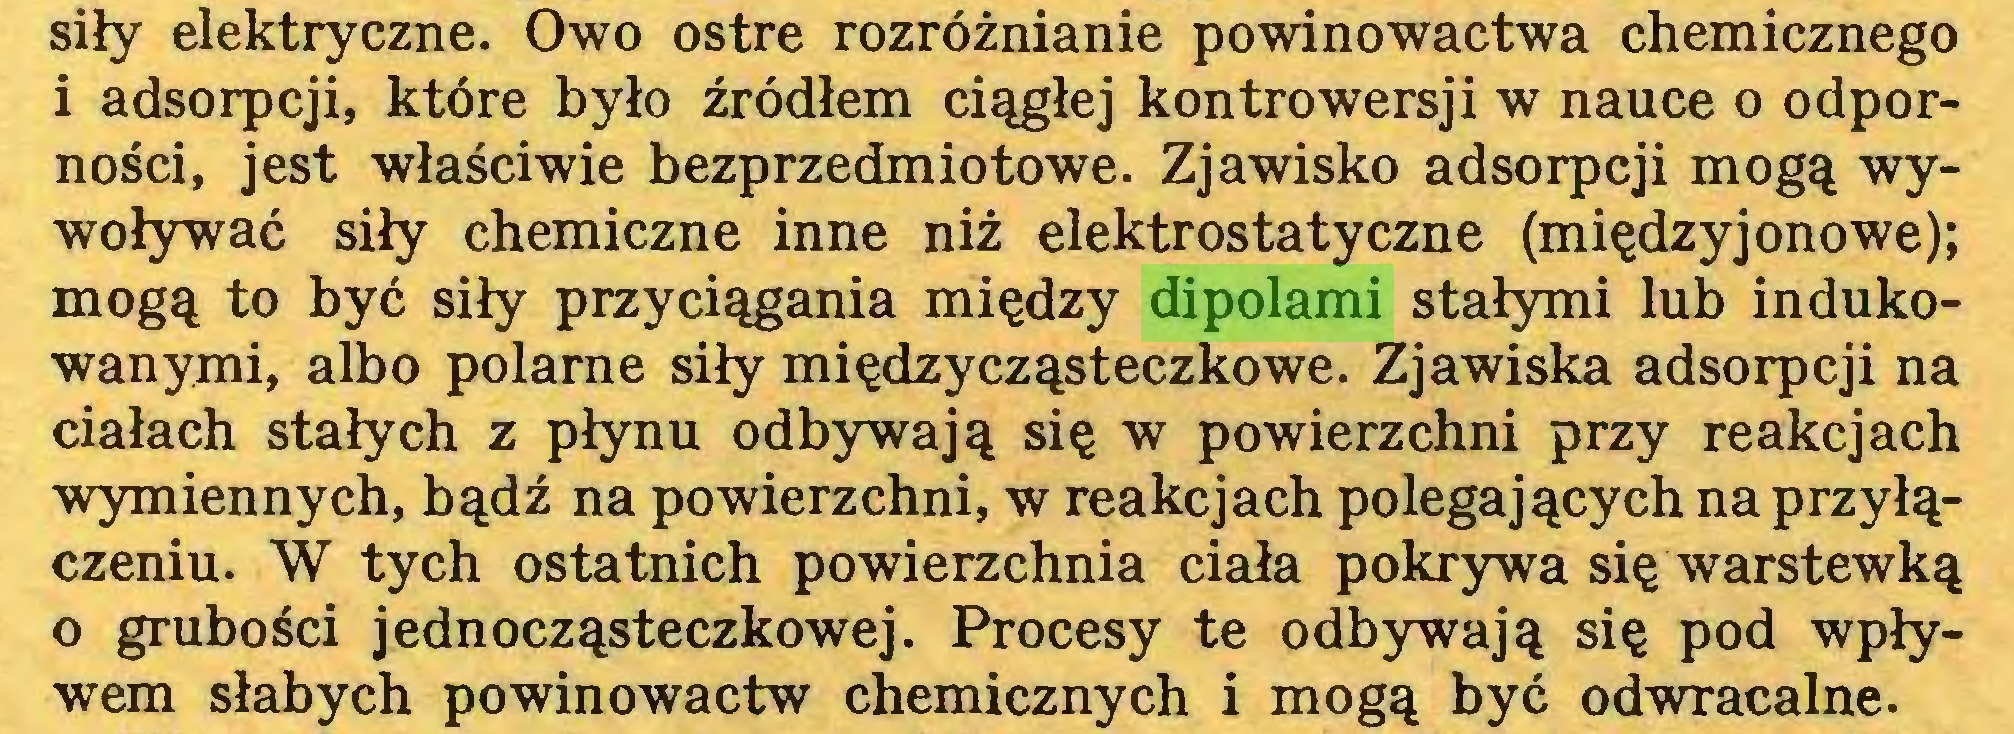 (...) siły elektryczne. Owo ostre rozróżnianie powinowactwa chemicznego i adsorpcji, które było źródłem ciągłej kontrowersji w nauce o odporności, jest właściwie bezprzedmiotowe. Zjawisko adsorpcji mogą wywoływać siły chemiczne inne niż elektrostatyczne (międzyjonowe); mogą to być siły przyciągania między dipolami stałymi lub indukowanymi, albo polarne siły międzycząsteczkowe. Zjawiska adsorpcji na ciałach stałych z płynu odbywają się w powierzchni przy reakcjach wymiennych, bądź na powierzchni, w reakcjach polegających na przyłączeniu. W tych ostatnich powierzchnia ciała pokrywa się warstewką o grubości jednocząsteczkowej. Procesy te odbywają się pod wpływem słabych powinowactw chemicznych i mogą być odwracalne...